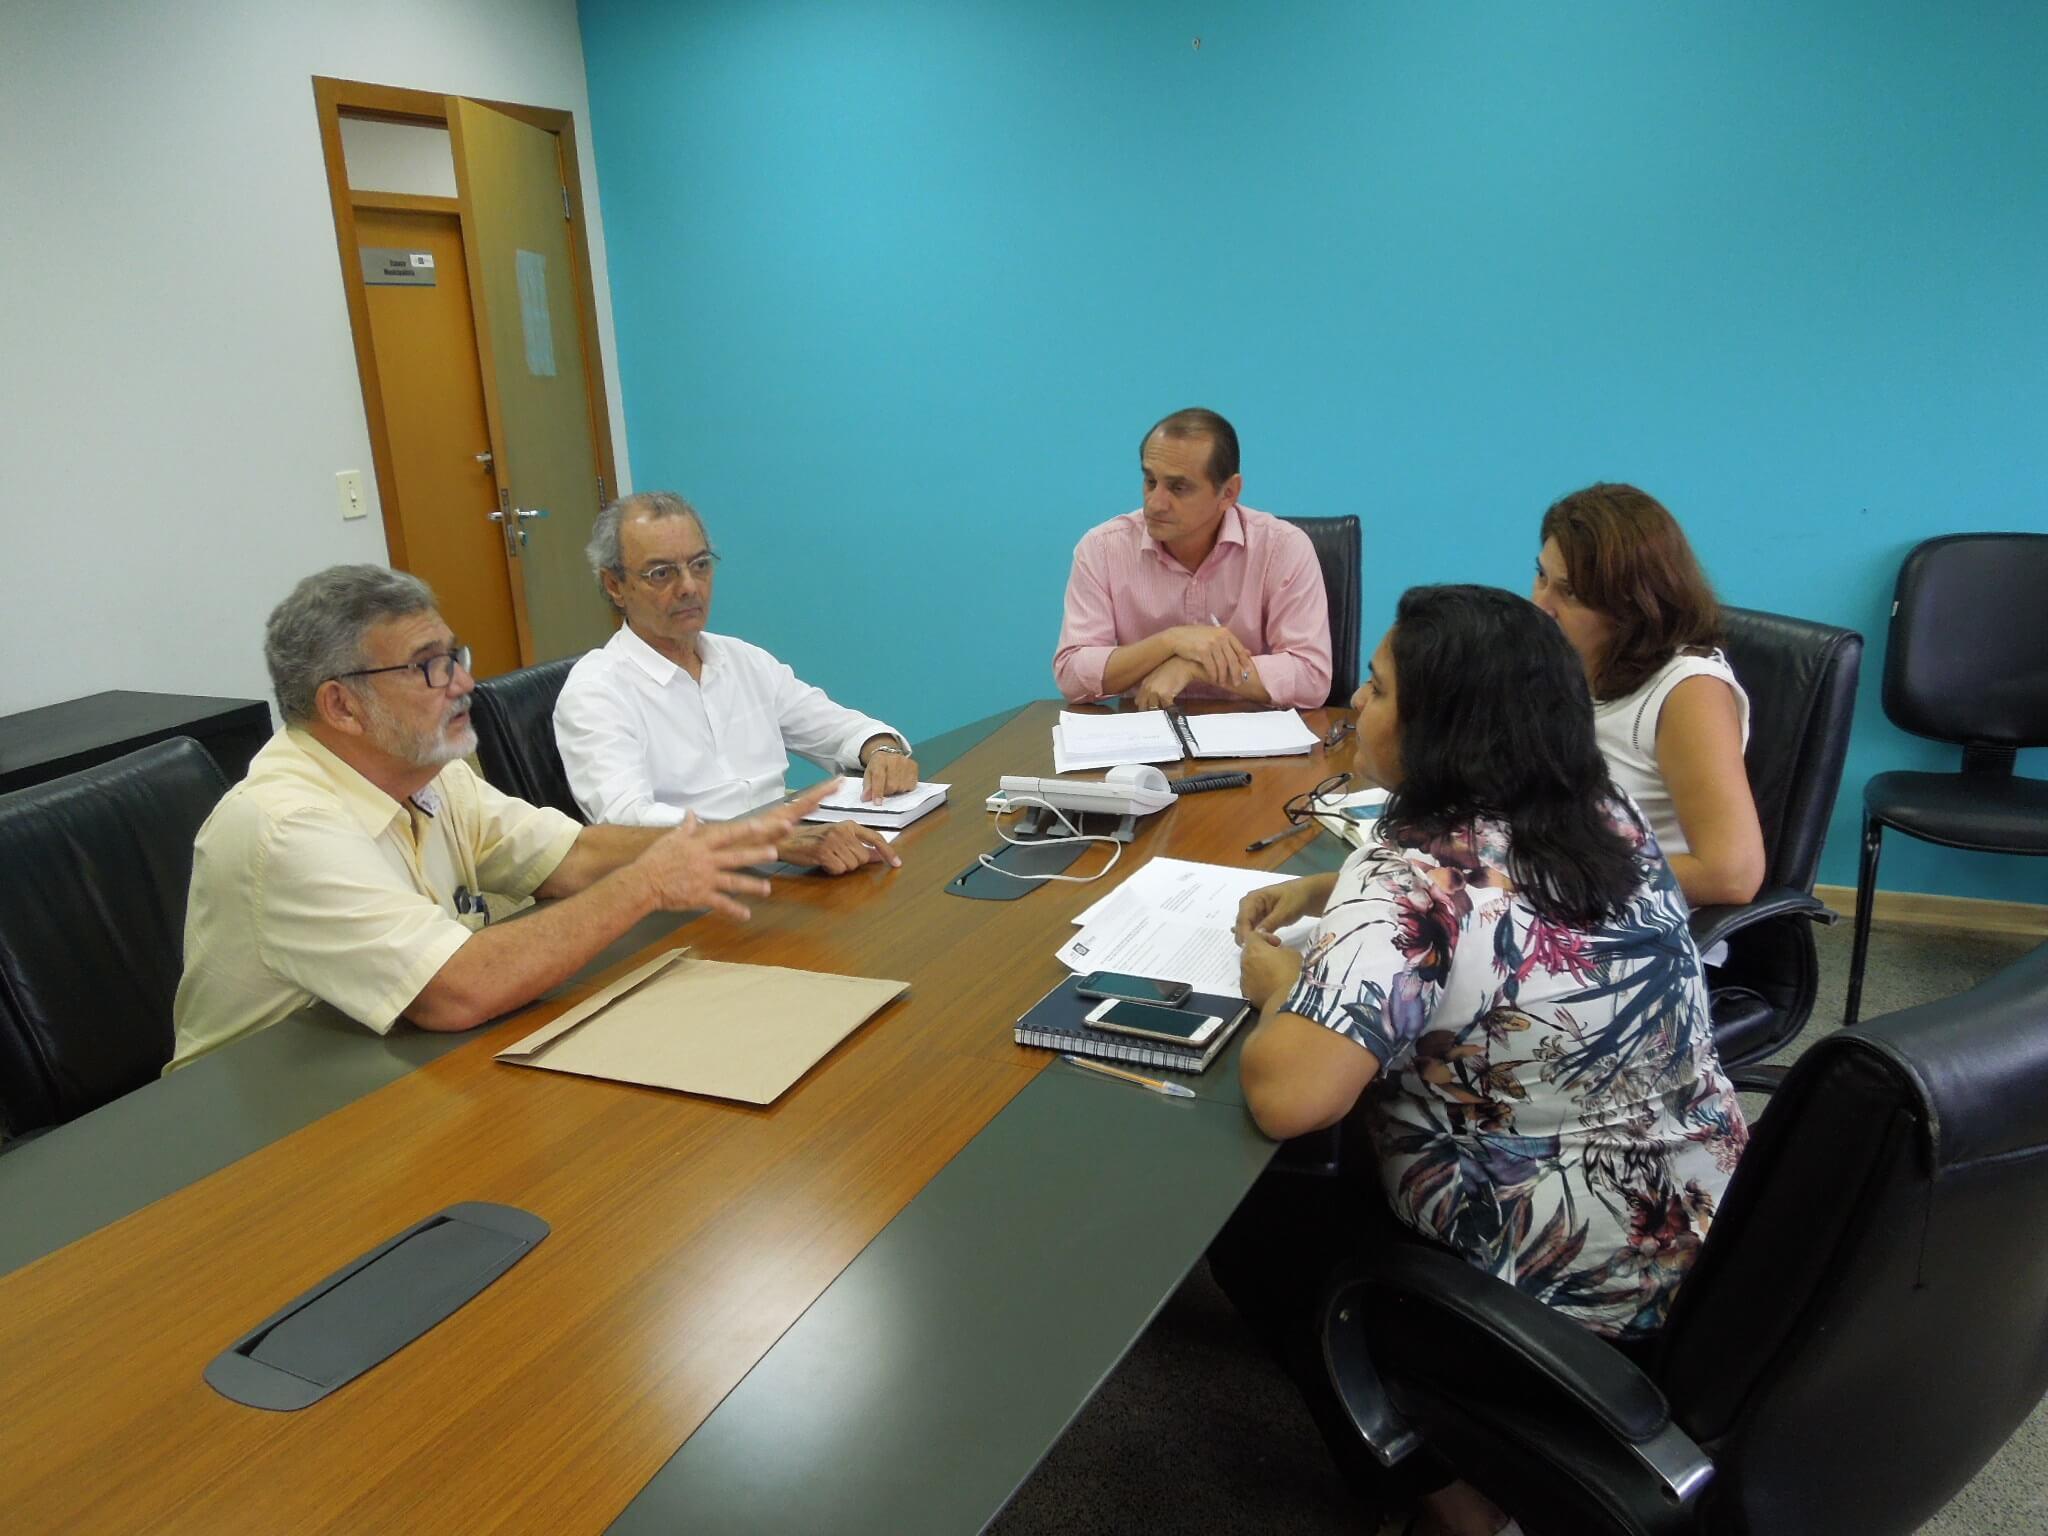 Eliana Rondon (coordenadora geral do PMSB), Paulo Modesto Filho (coordenador técnico) e Rubem Mauro Palma de Moura (coordenador operacional) apresentam dados do PMSB ao secretário Wilson Santos e à Denise Duarte (superintendente de saneamento da Secid).